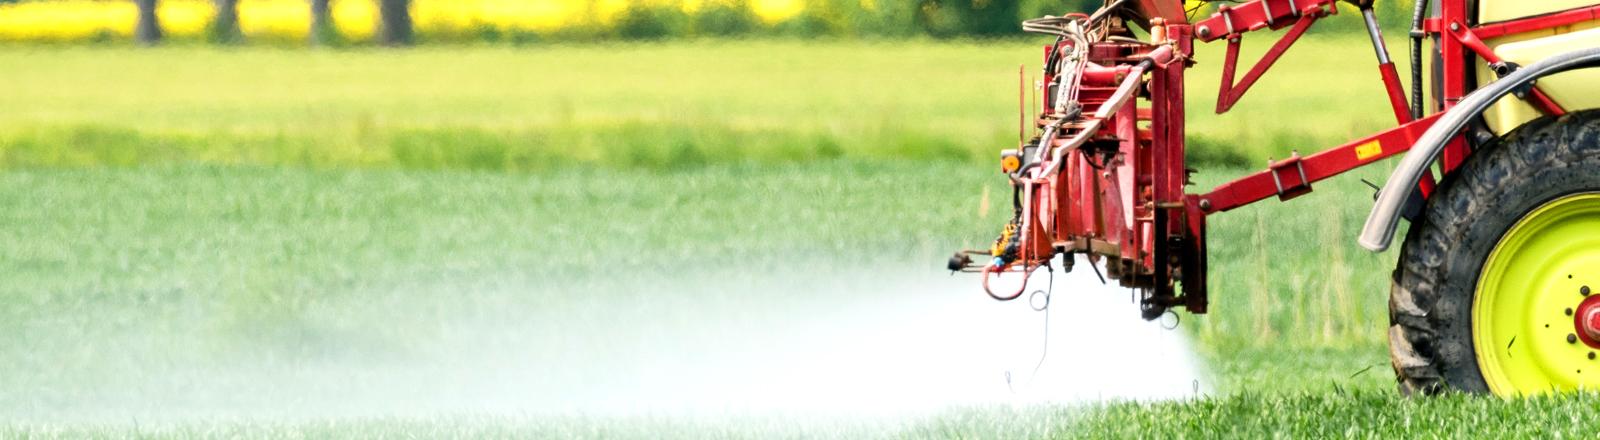 Traktor versprüht Pflanzenschutzmittel. dpa